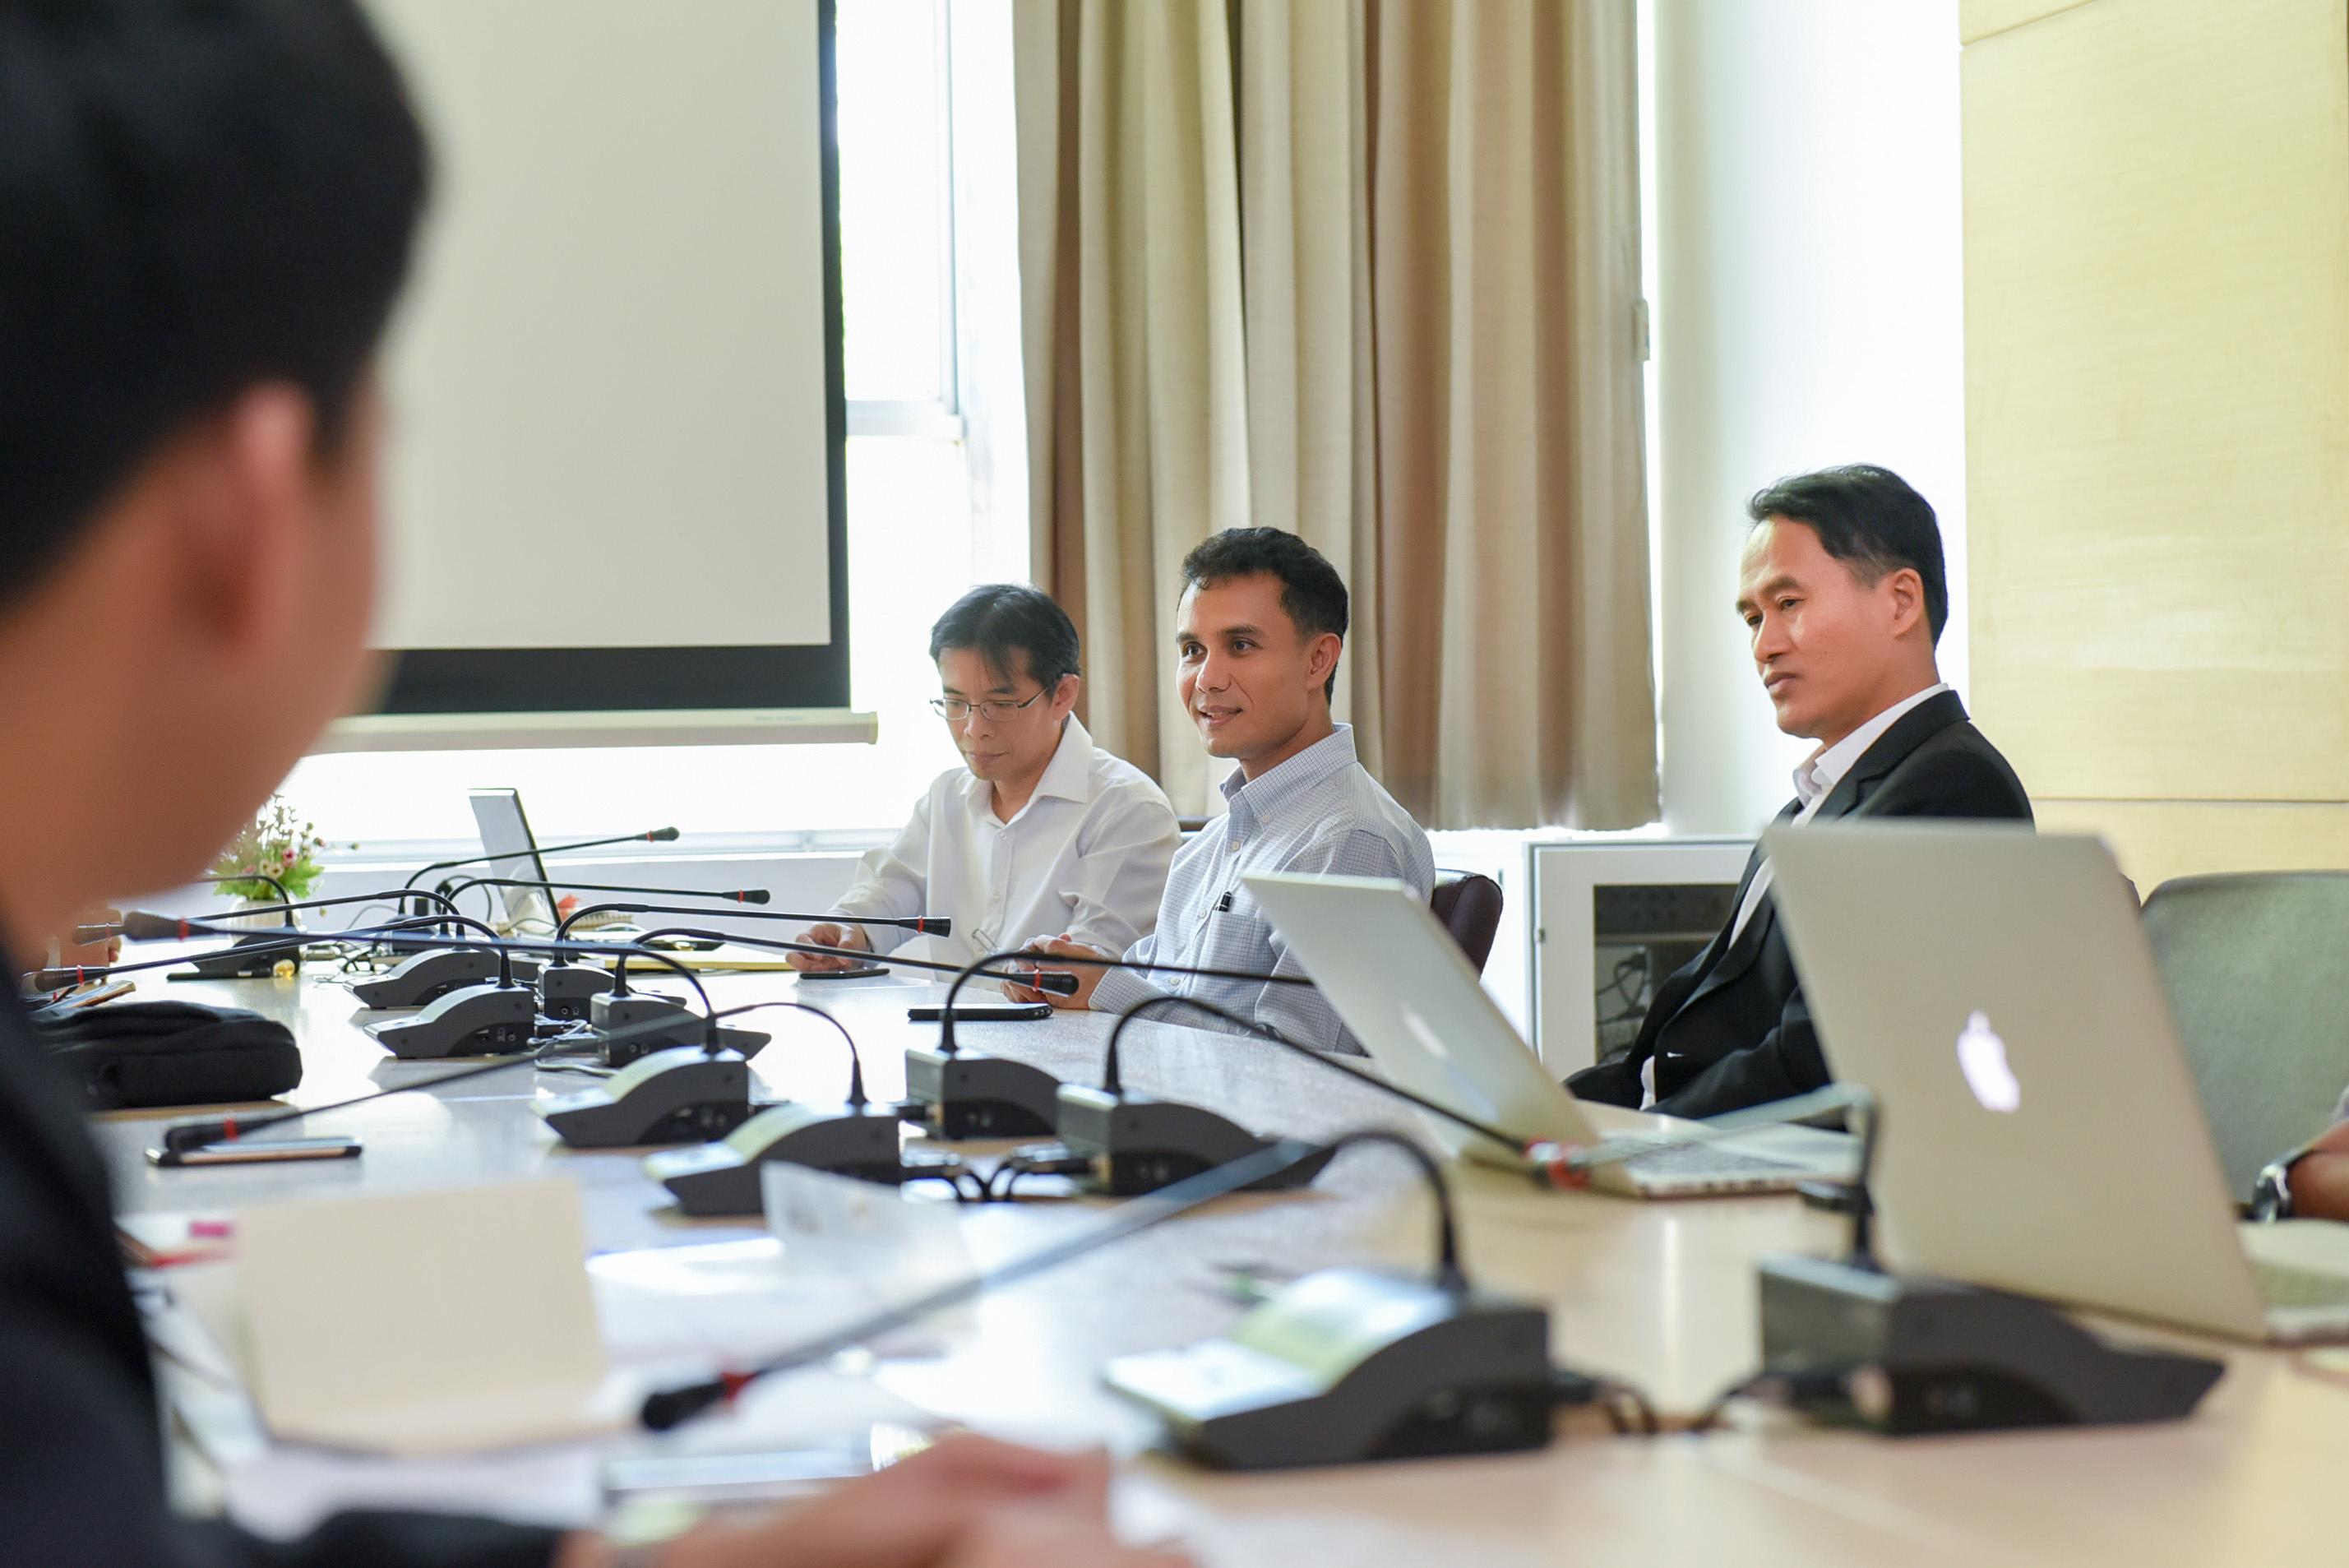 มข.ให้การต้อนรับผู้บริหารและบุคลากร ม.บูรพา ดูงานด้านการประเมินบุคลากรฯ